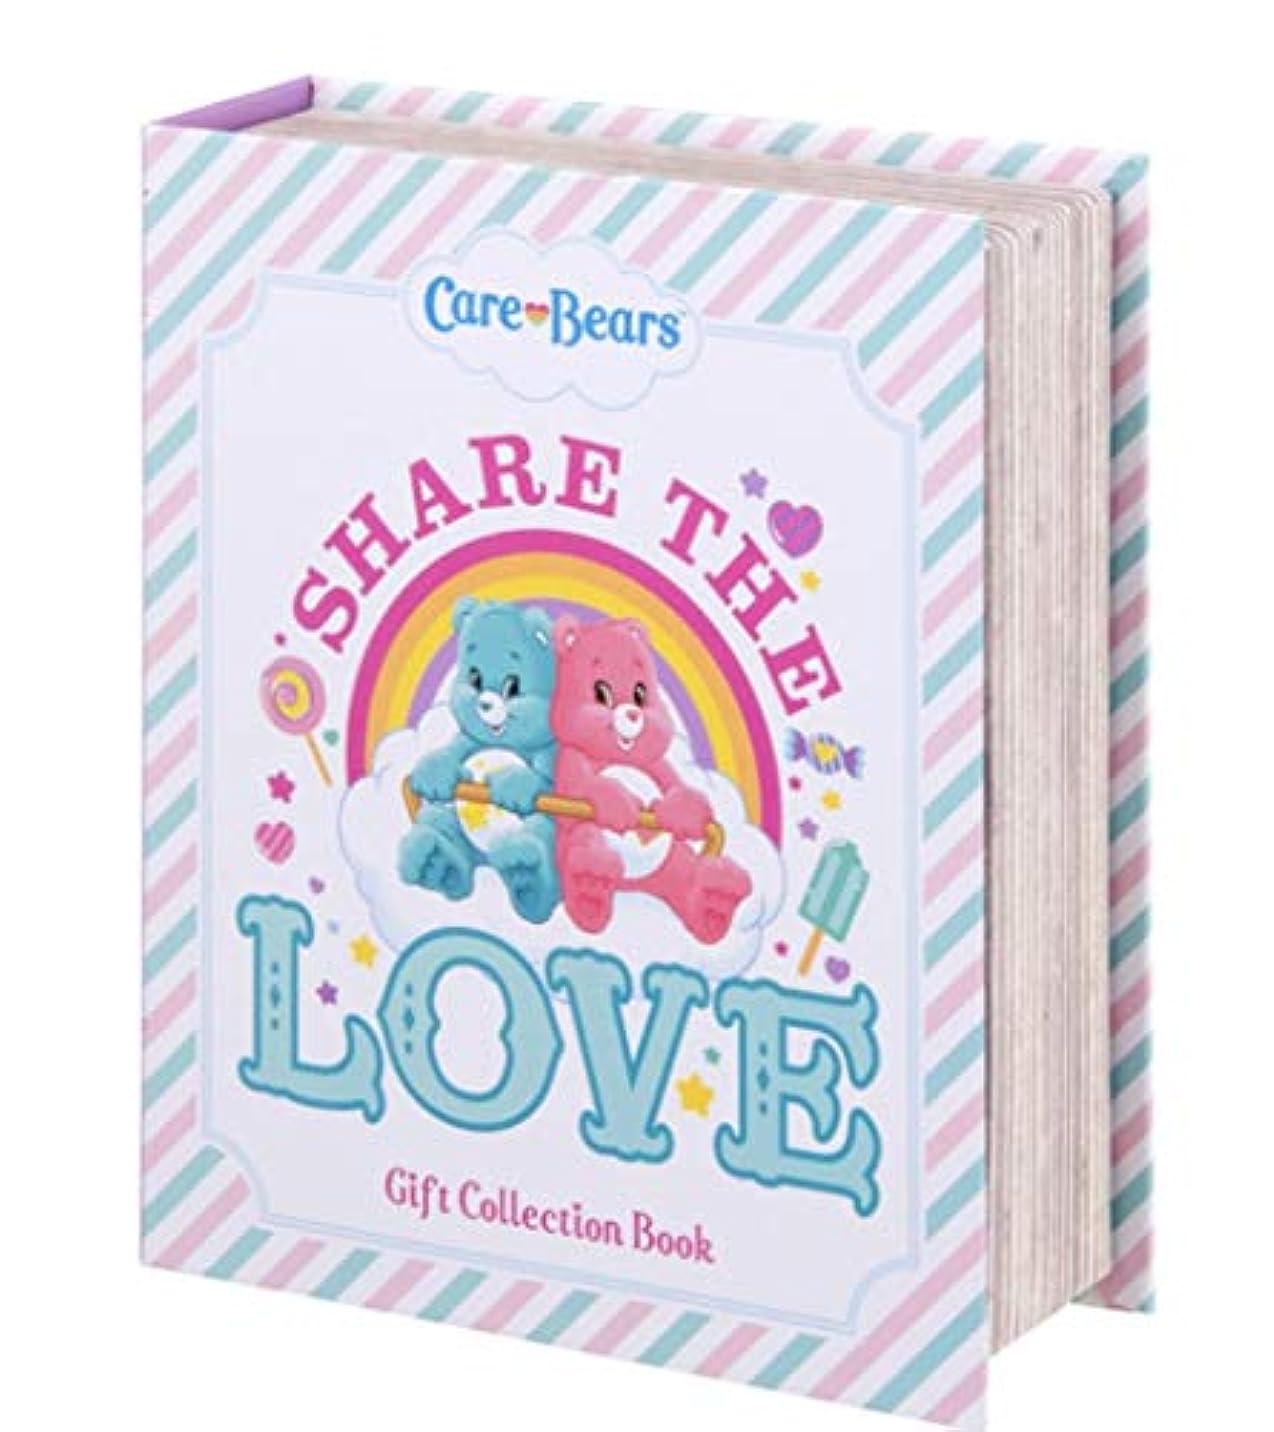 微妙回復気をつけてケアベア Care Bears ボディケア ギフトコレクションブック Gift Collection Book Body Care Coffret